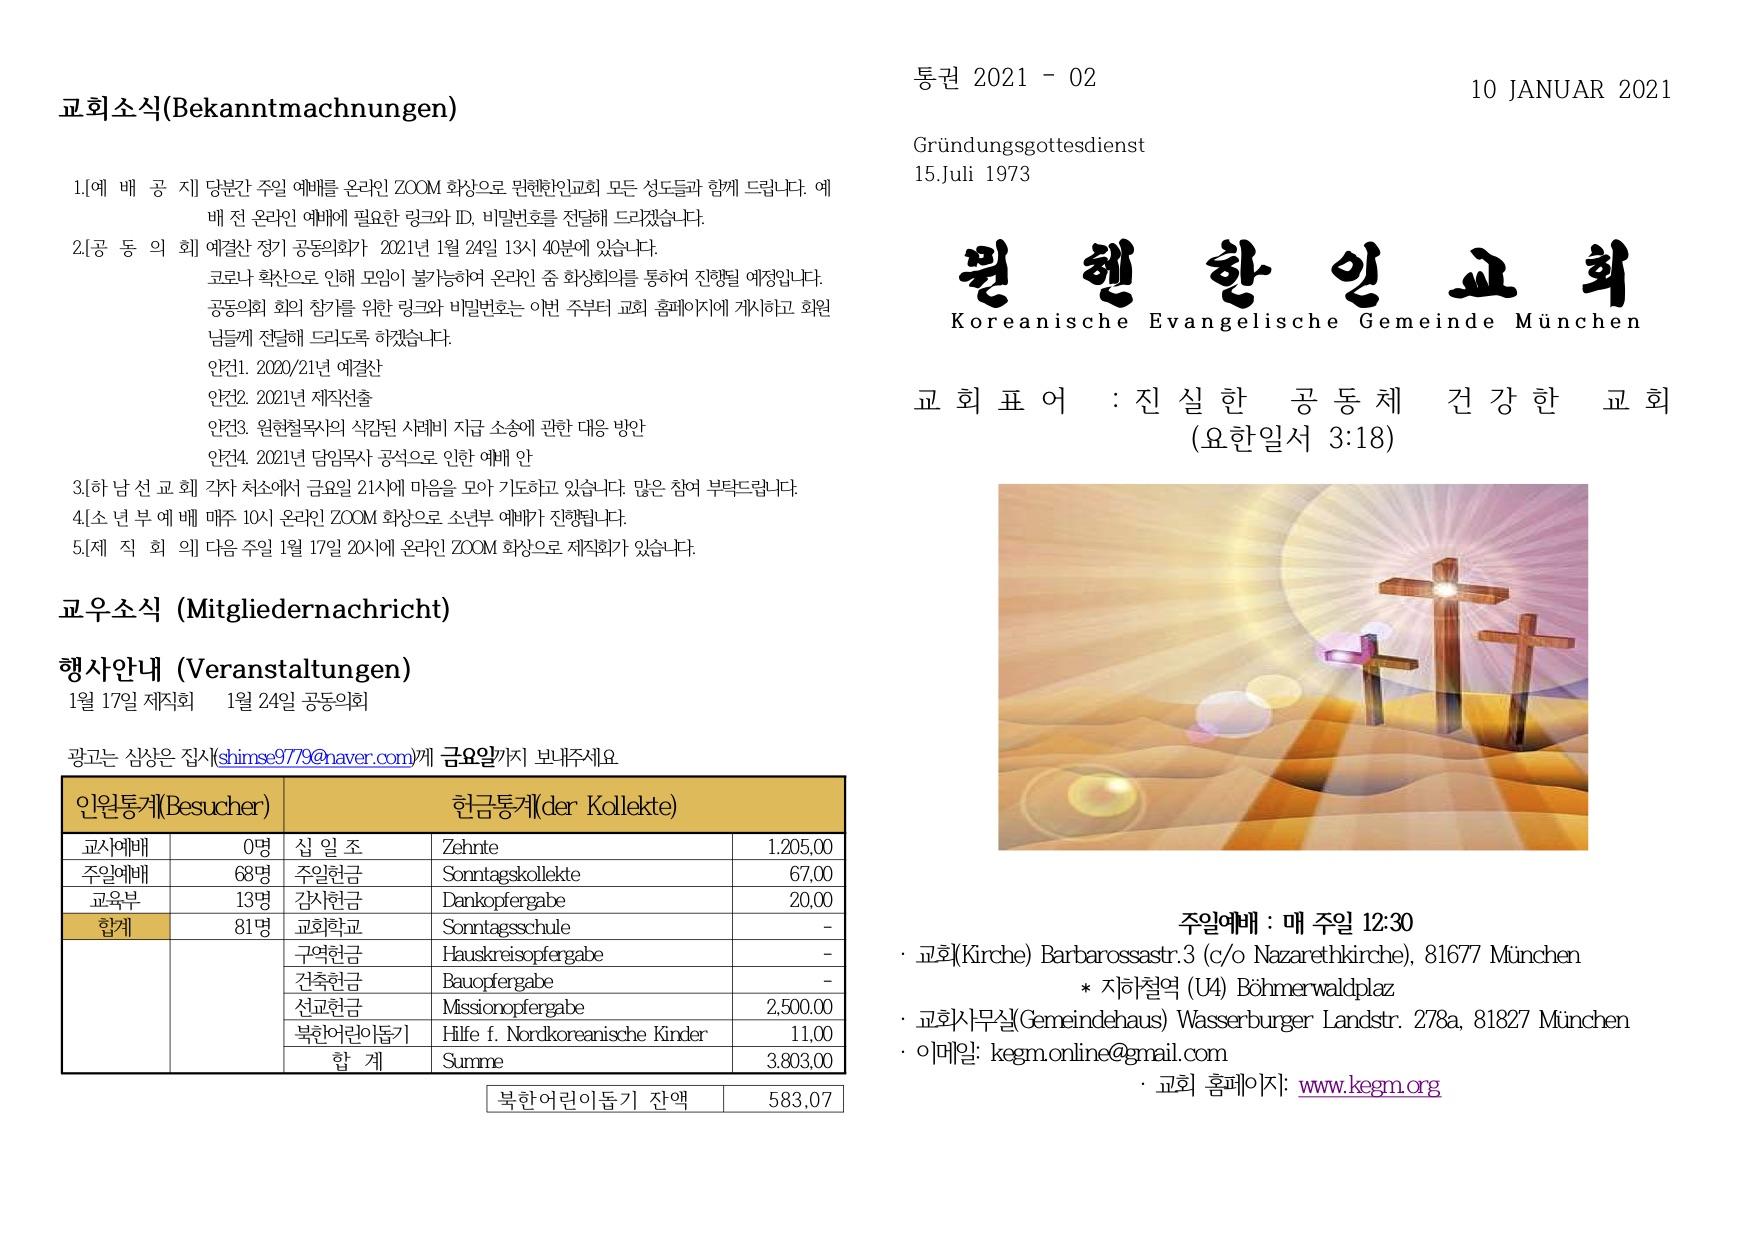 20210110_bulletin_1.jpg